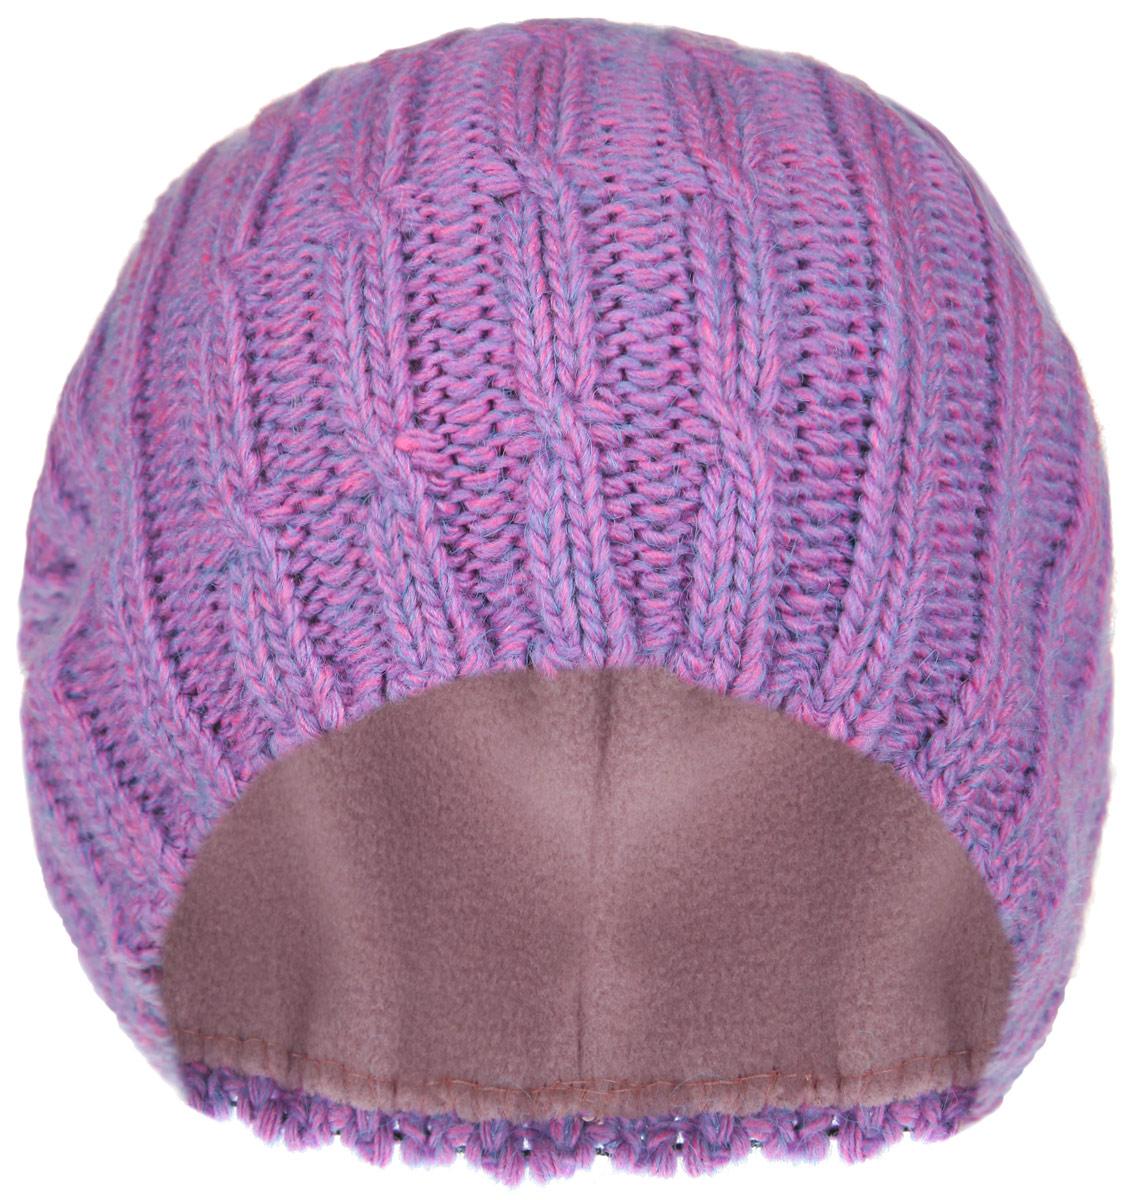 RWH6501/2-005Отличная вязаная шапка-бини от Elfrio в стиле сasual. Изготовлена из меланжированной акриловой пряжи с флисовой подкладкой. Модель прекрасно подойдет для женщин, ценящих комфорт и красоту. Незаменимая вещь в прохладную погоду.